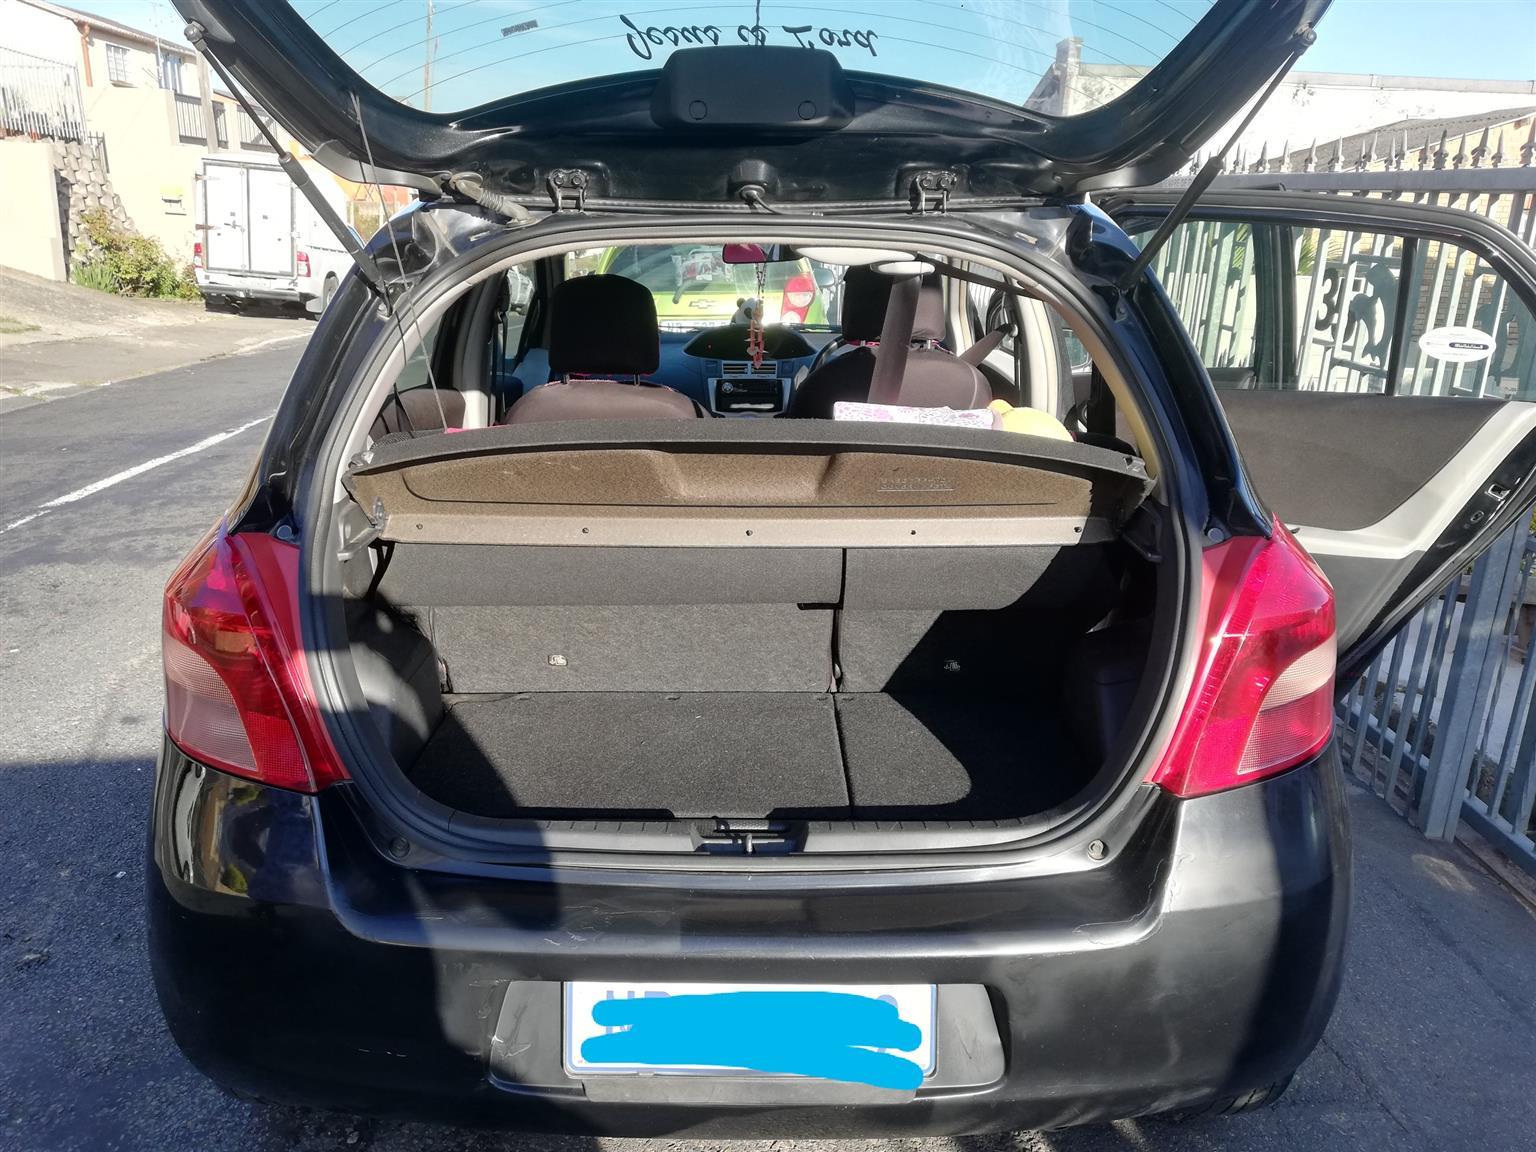 2007 Toyota Yaris 1.0 5 door T1 (aircon+CD)